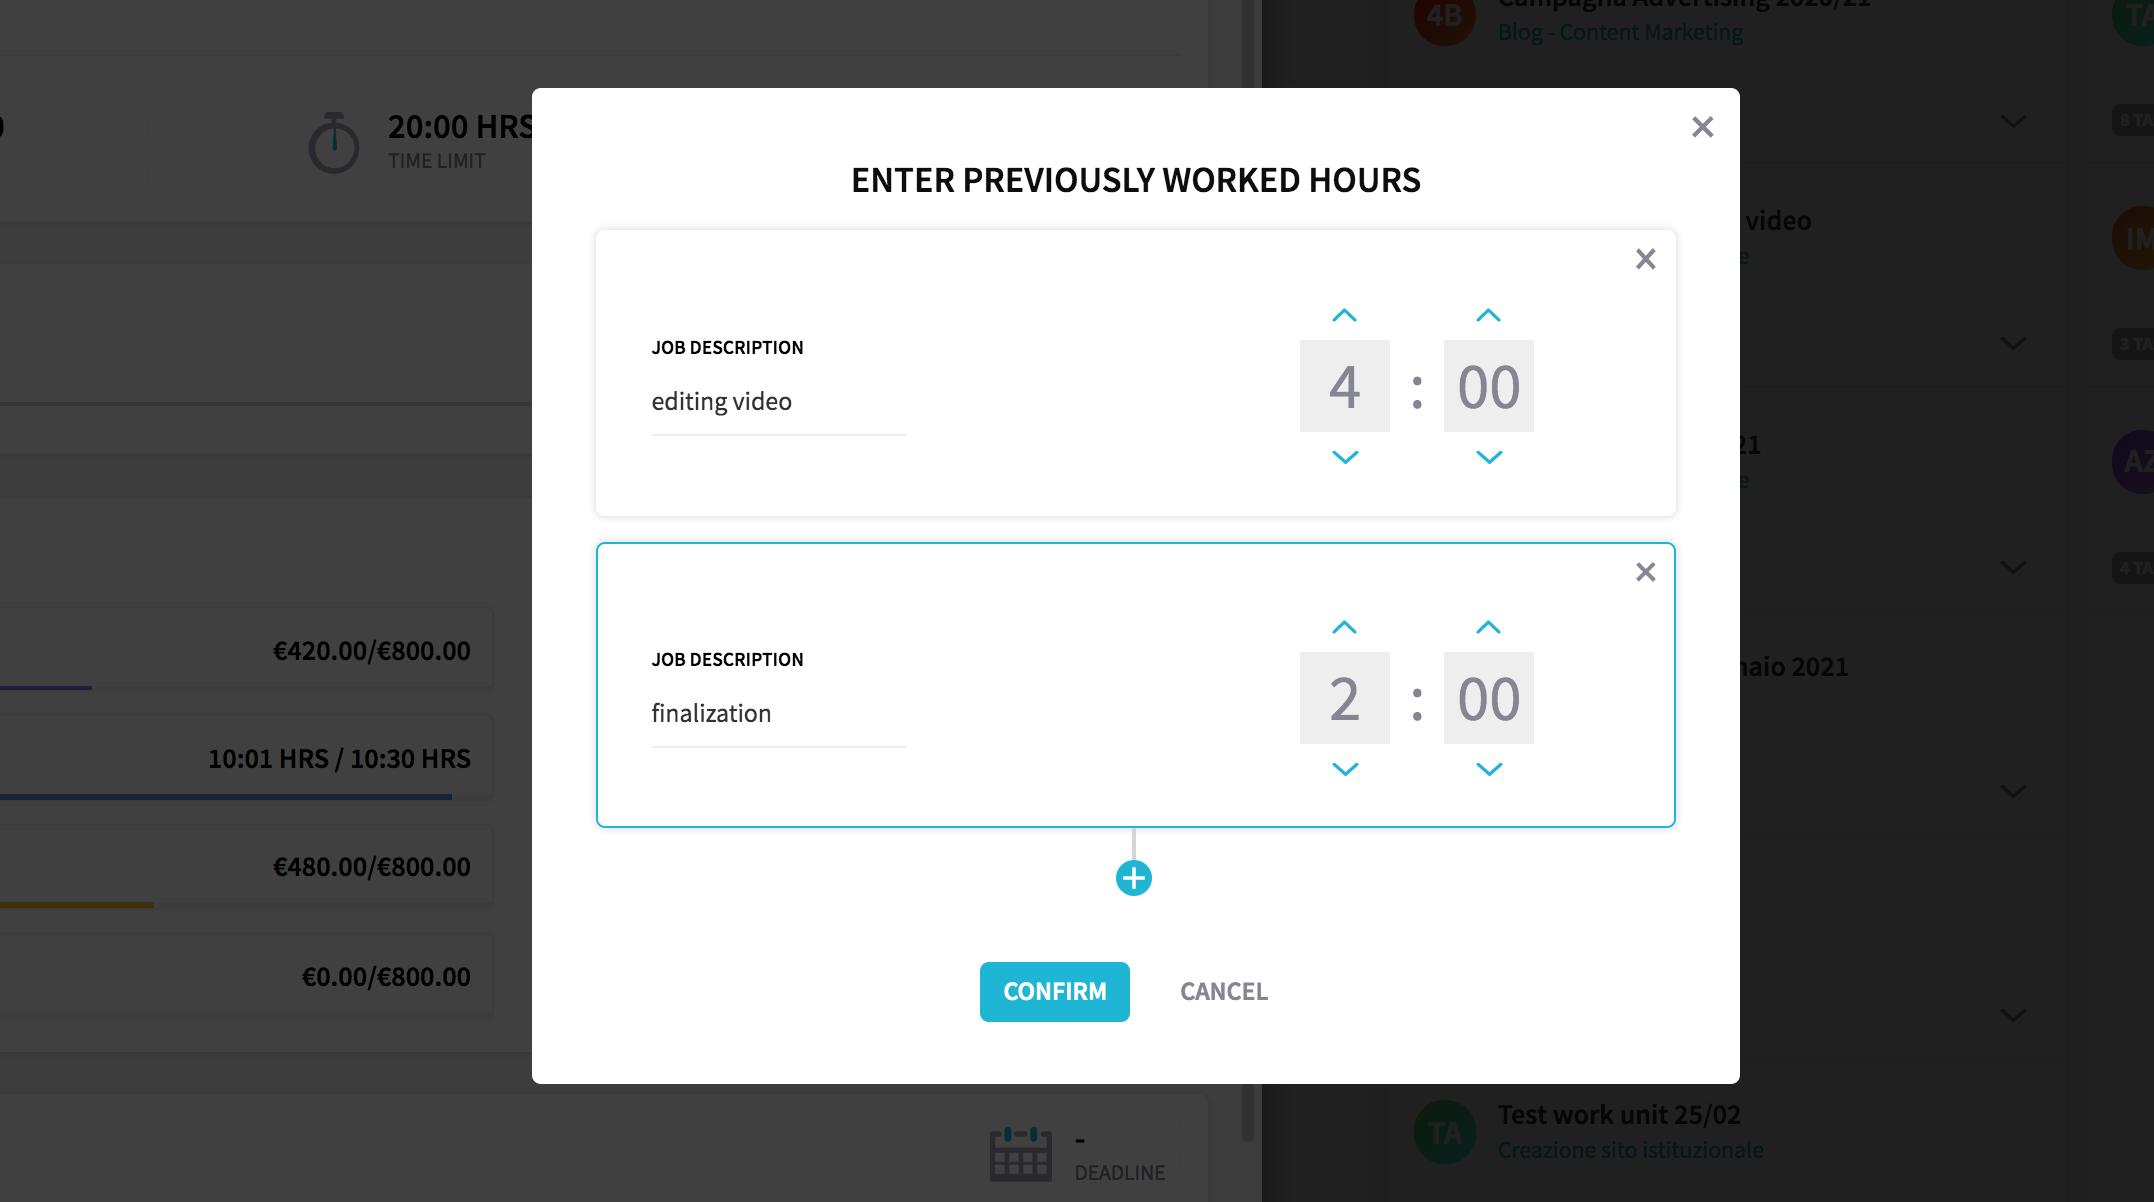 Taskomat workflow automation software